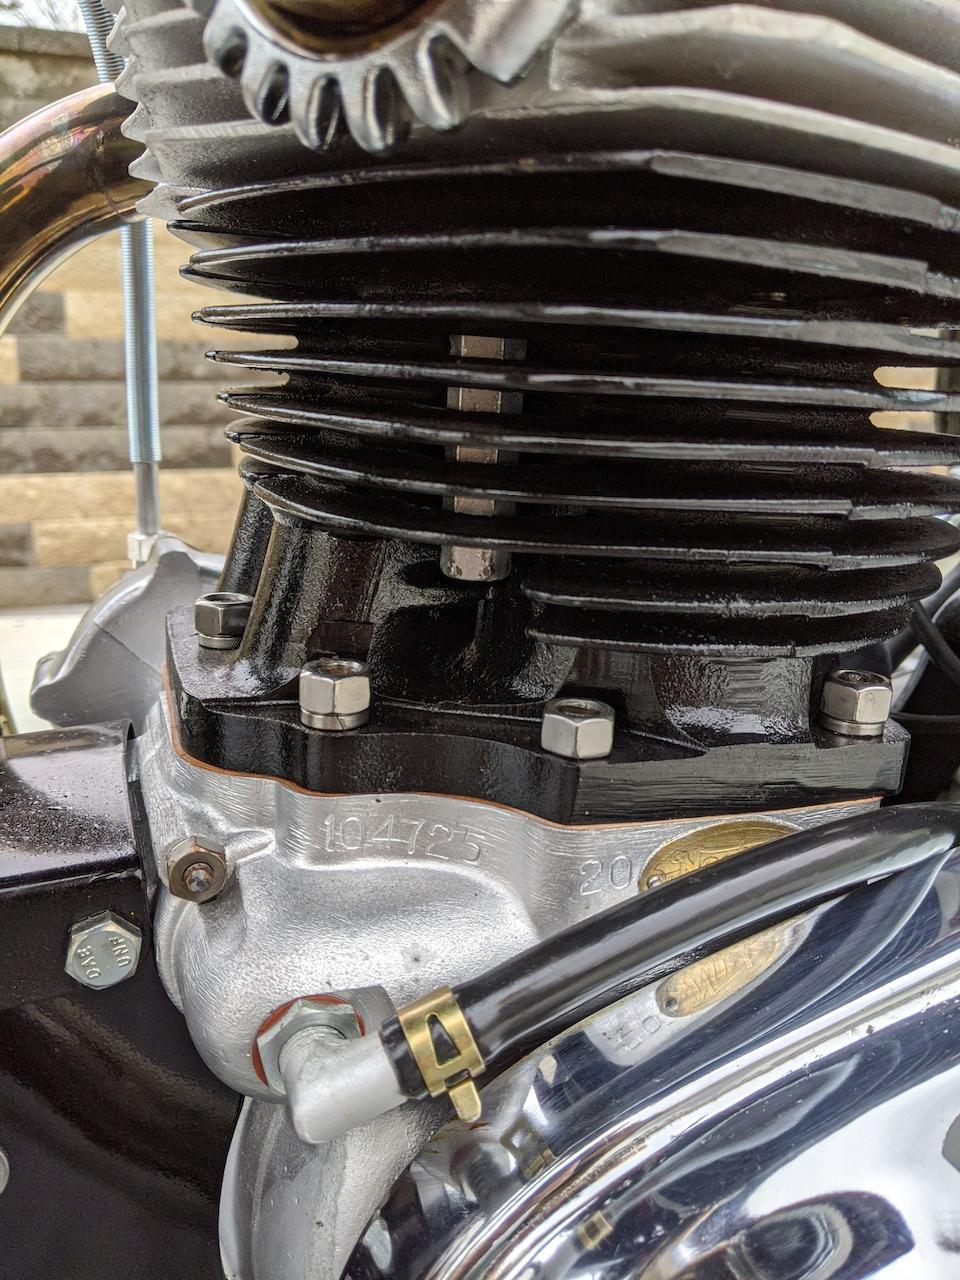 1963 Norton 750cc Atlas Frame no. 104725 20 Engine no. 104725 20